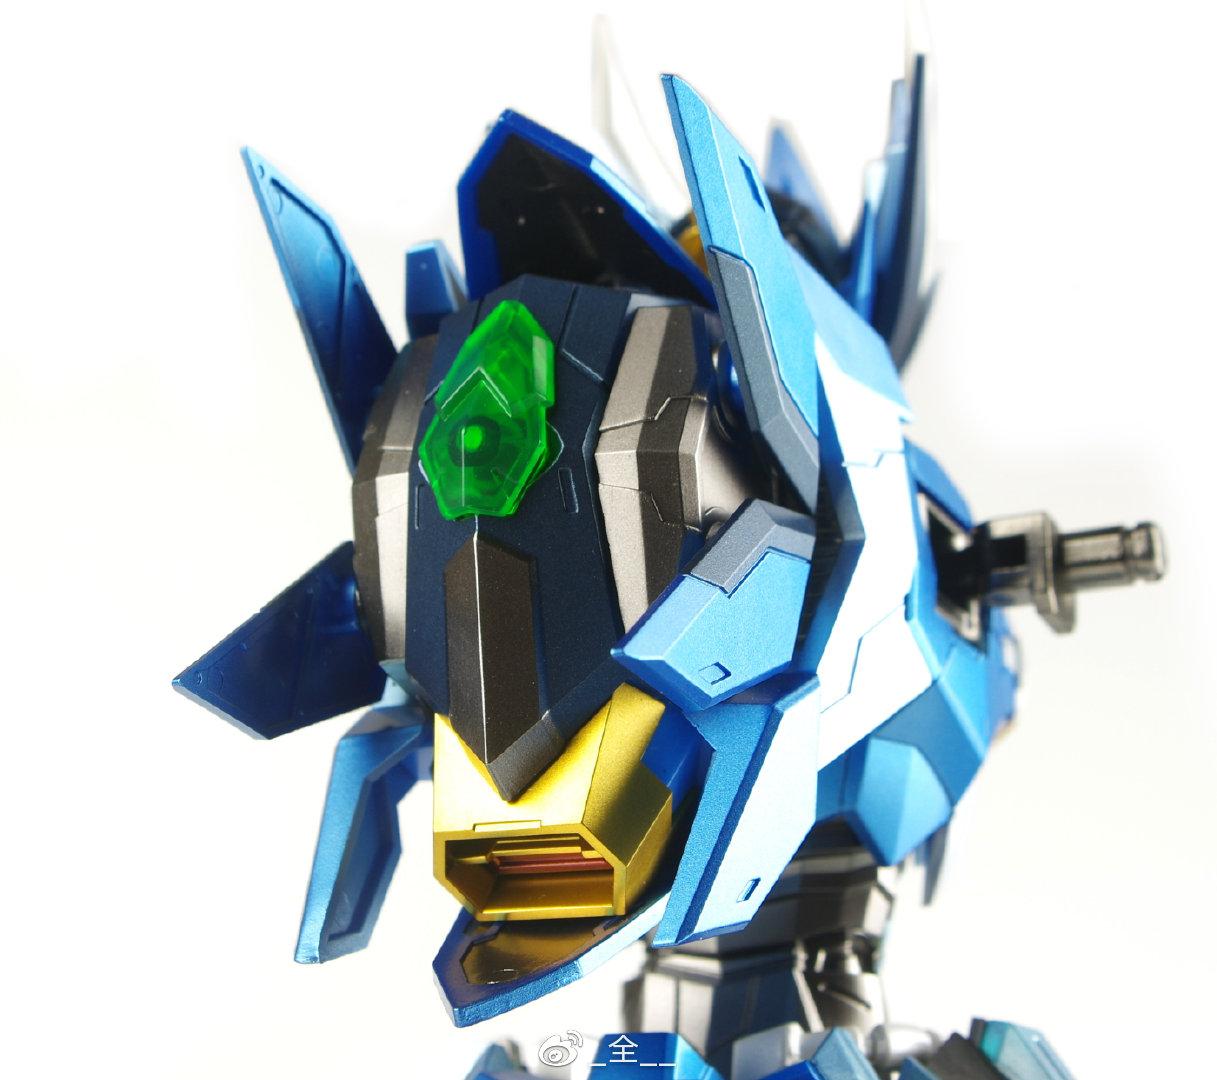 S470_MOTOR_NUCLEAR_MN_Q03_blue_gragon_ao_bing_di_hui_xing_han_long_zi_032.jpg